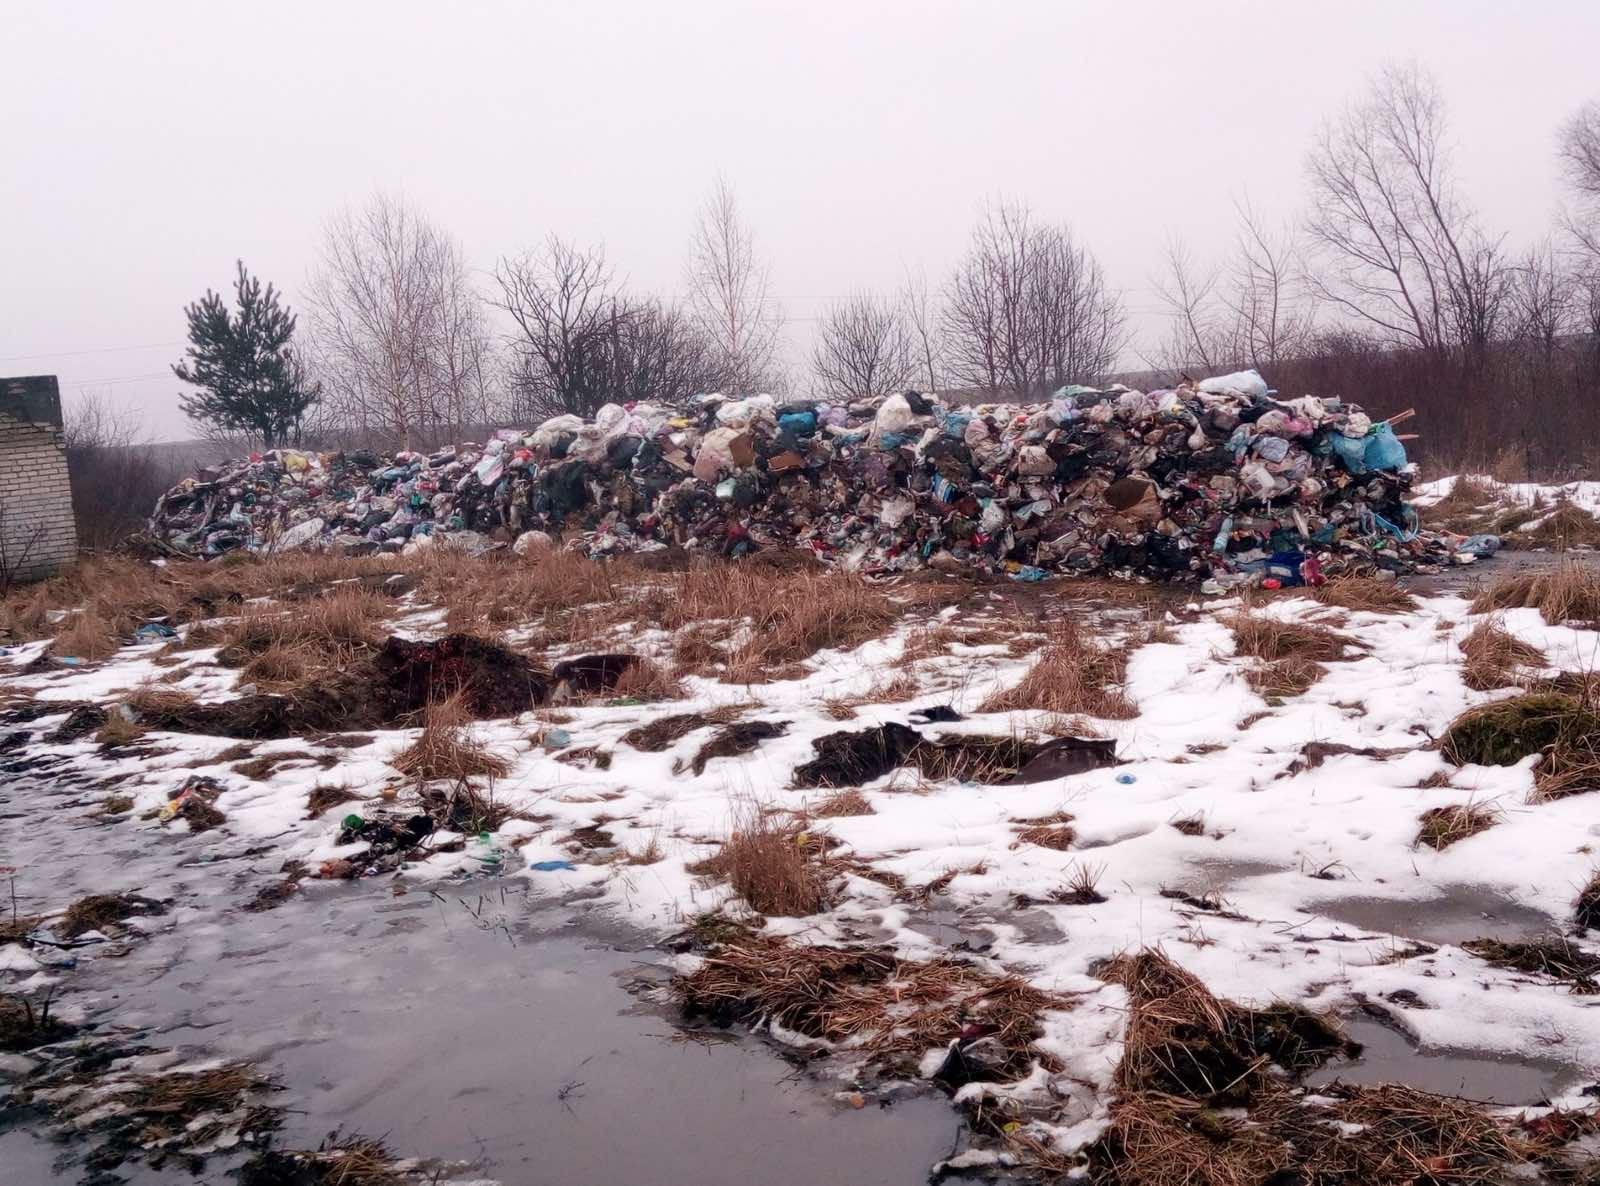 Несанкціоноване сміттєзвалище – так назвали гору сміття, яка з'явилася за одну ніч біля села Острів Червоноградського району